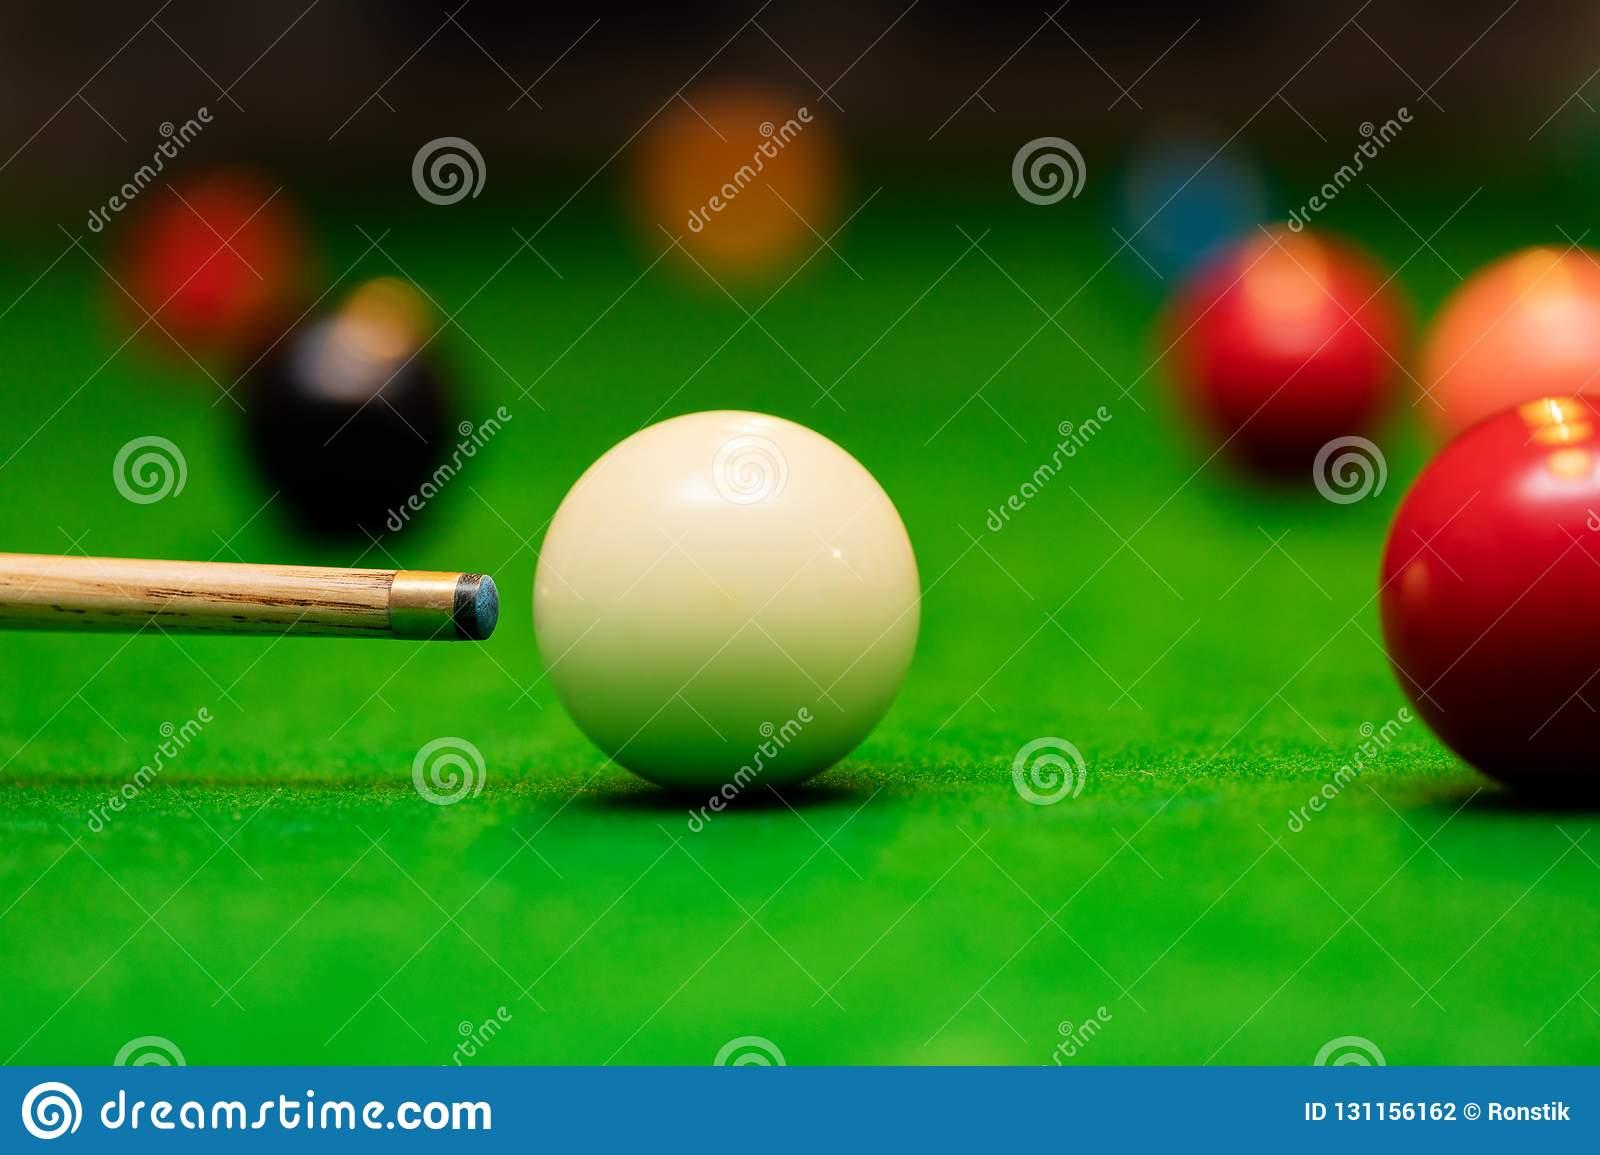 Jeu De Billard - Joueur Visant La Boule De Queue Photo Stock tout Jeux De Biyare